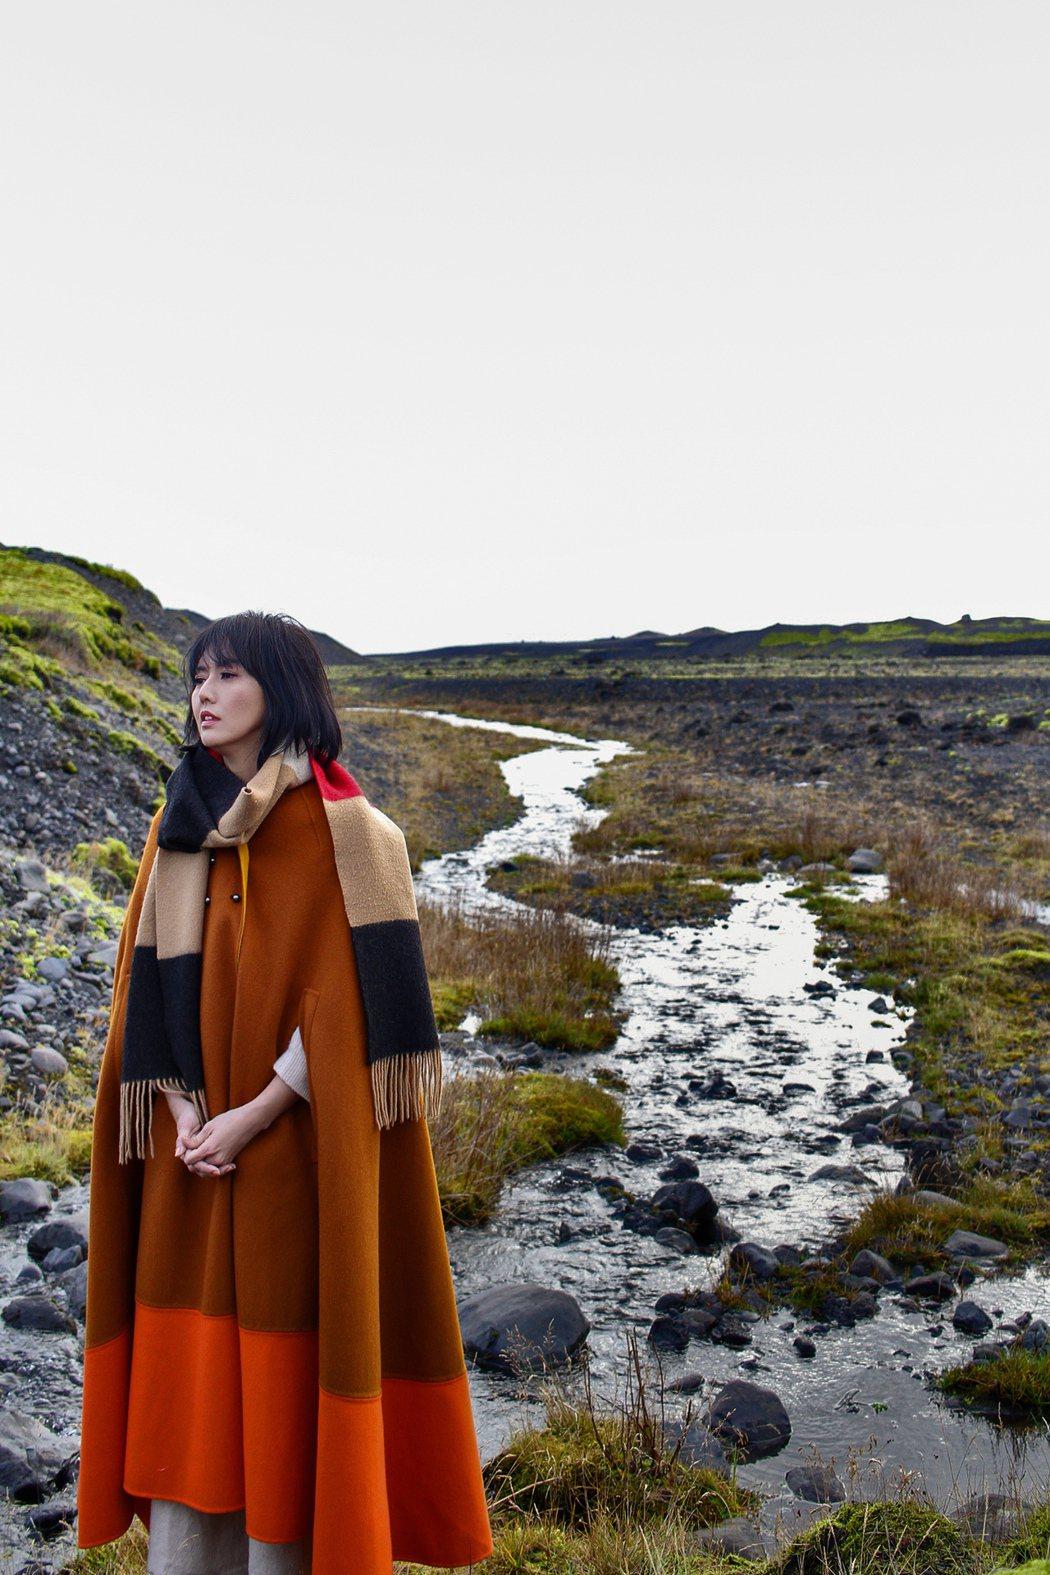 孫燕姿推出最新MV「極美」。圖/環球唱片提供